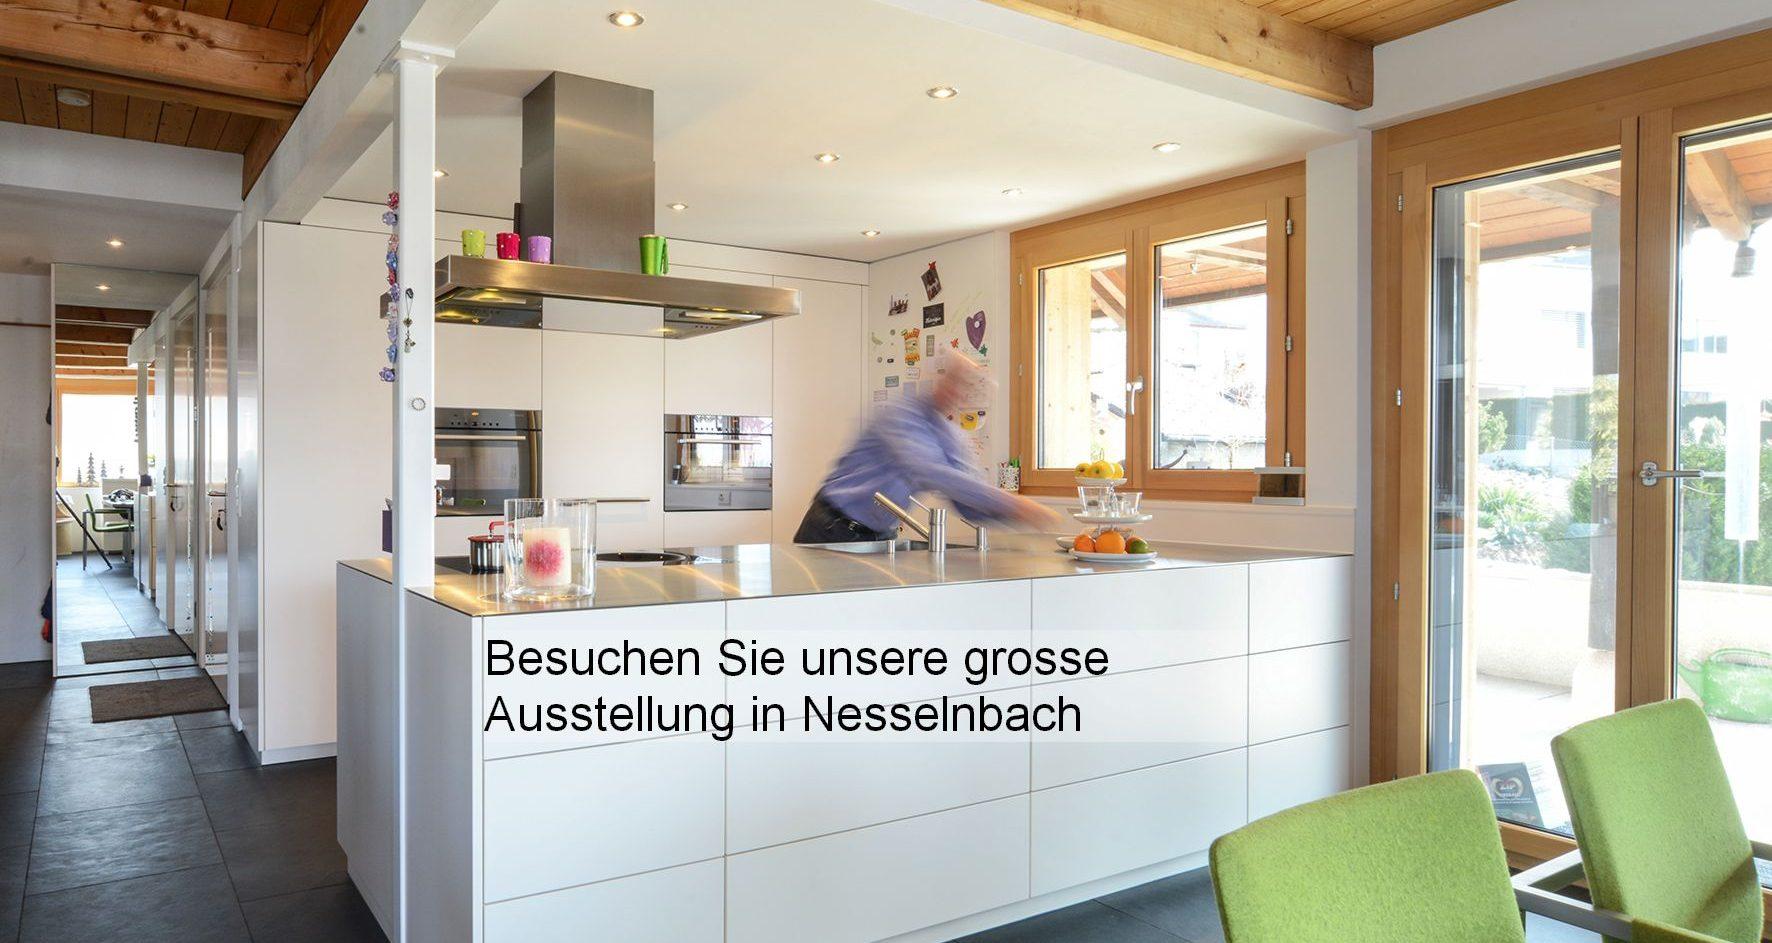 Permanente Küchenausstellung mit Schreinerei in Niederwil, Freiamt